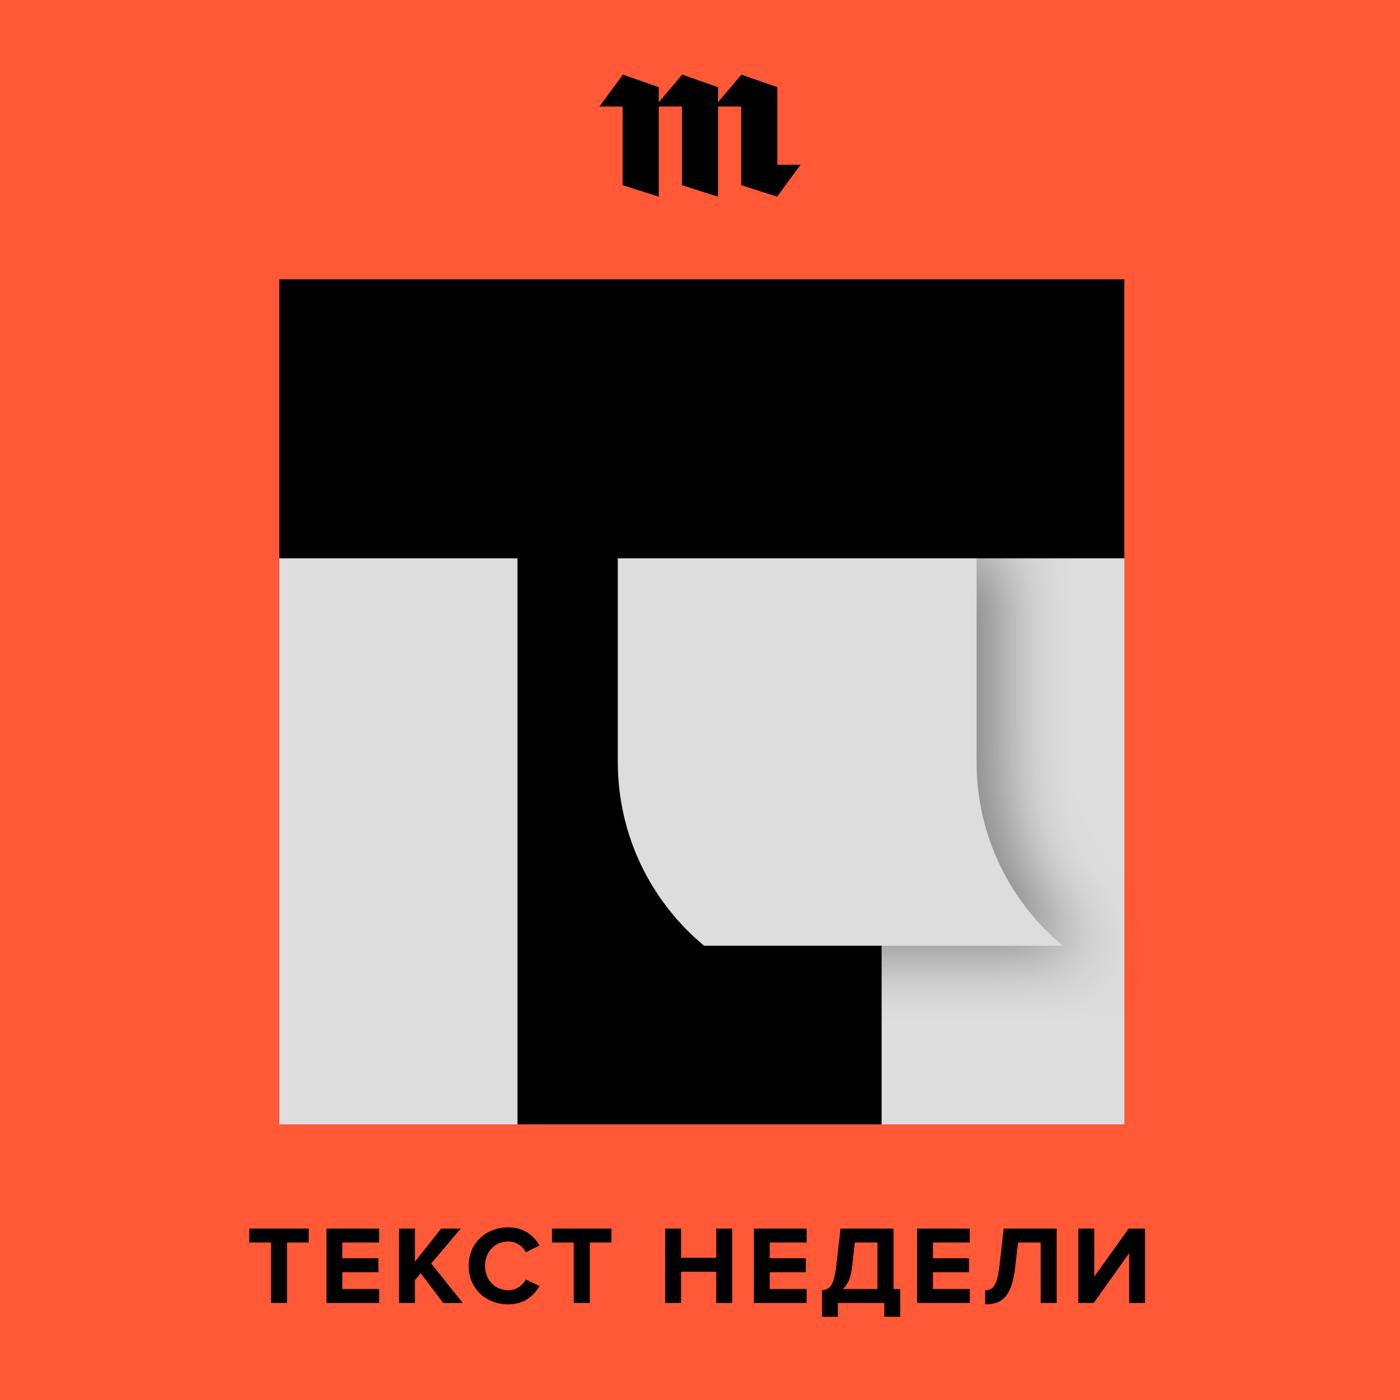 Айлика Кремер В Москве досрочно сняли карантин. Почему это рискованное решение? Нас ждет вторая волна эпидемии?